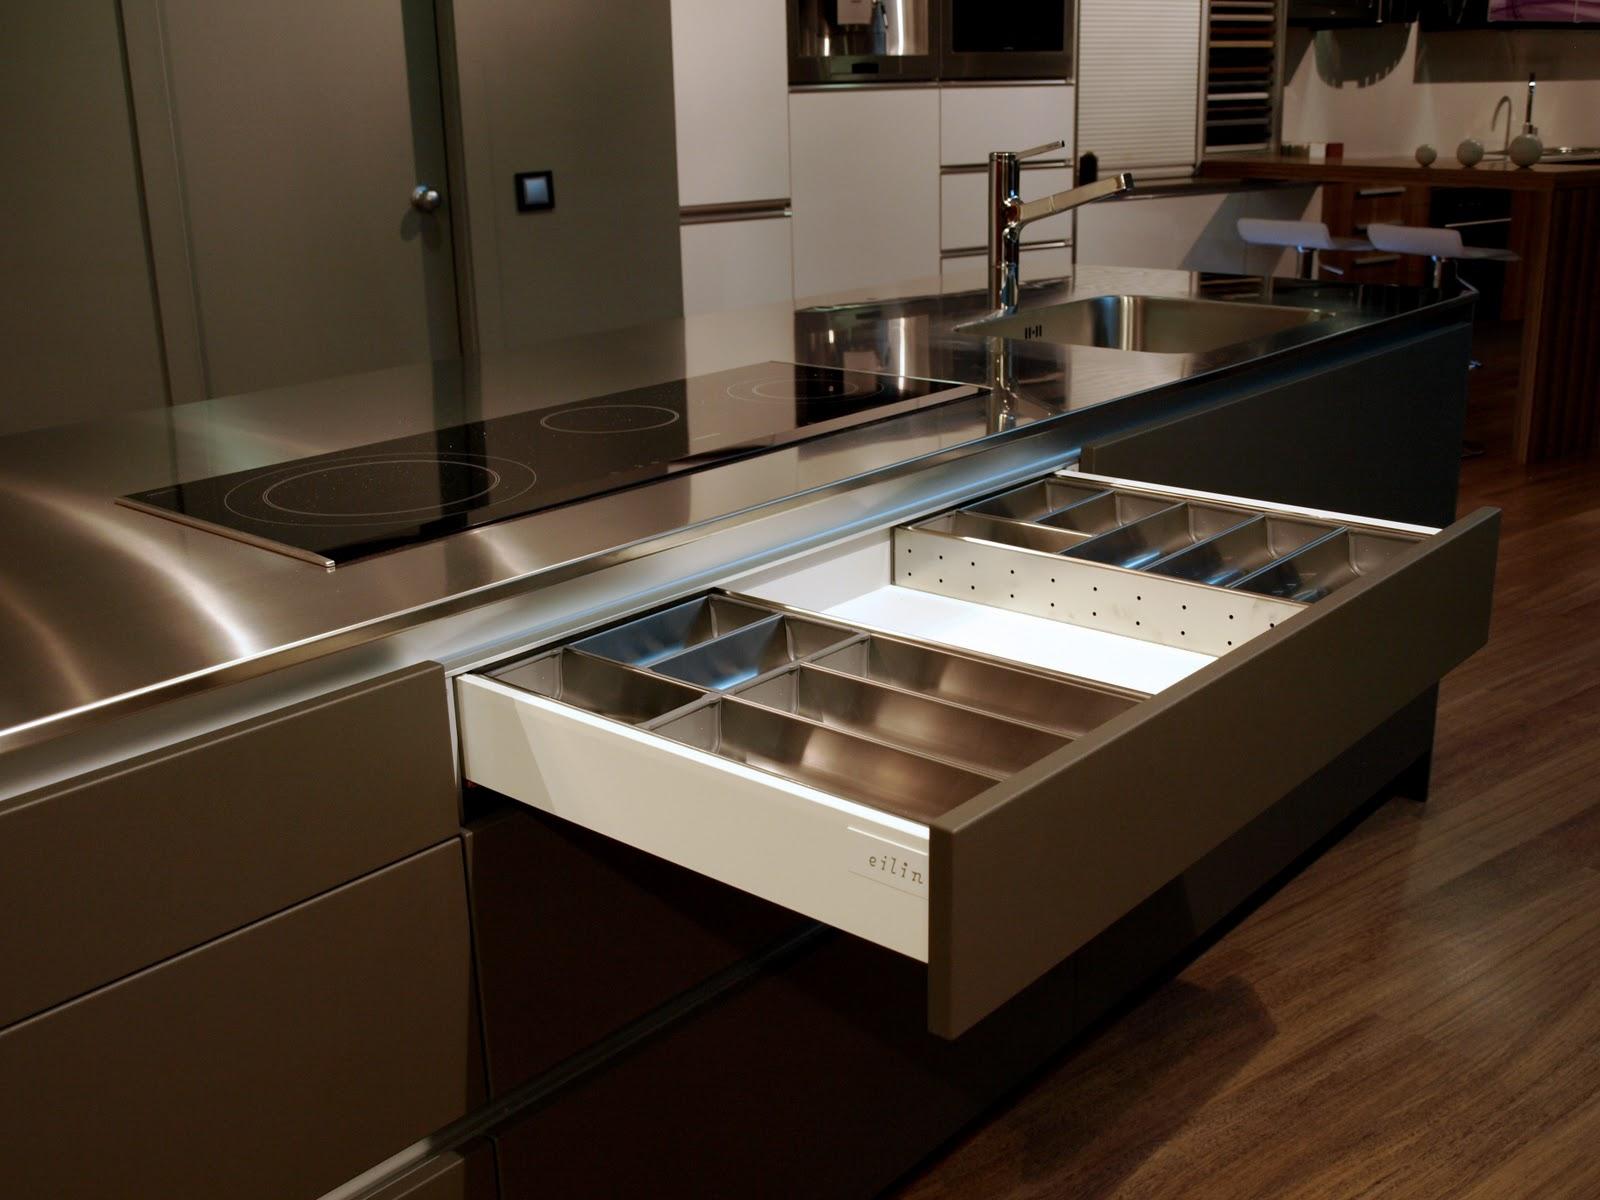 Espai decuina ripollet barcelona mobiliario cocina eilin for Mobiliario cocina